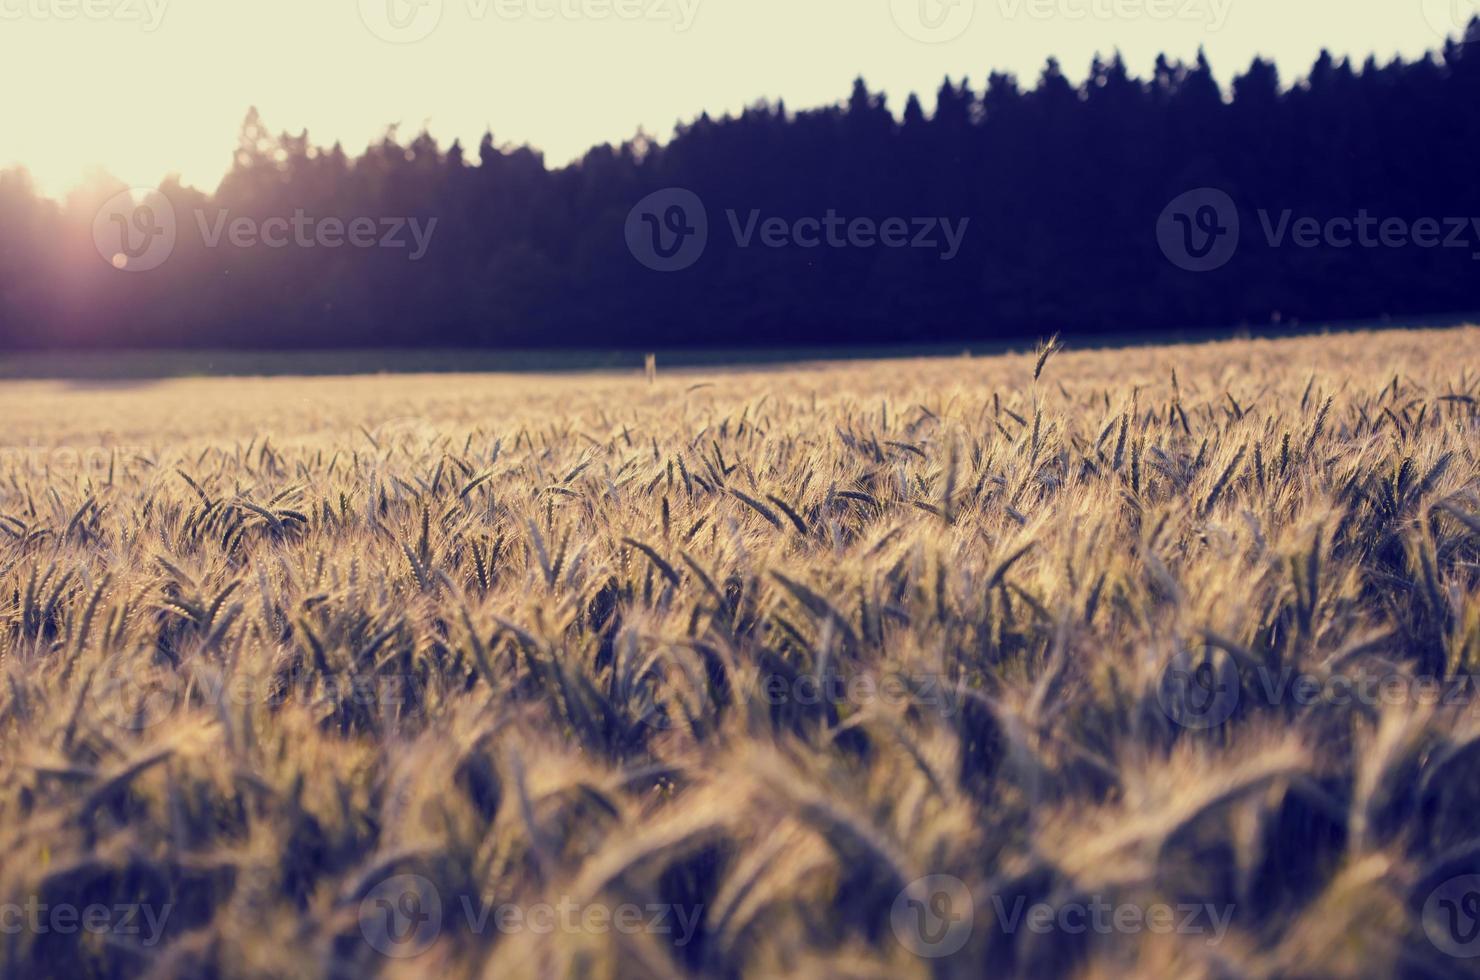 soluppgång över ett fält med mogna veteöron foto